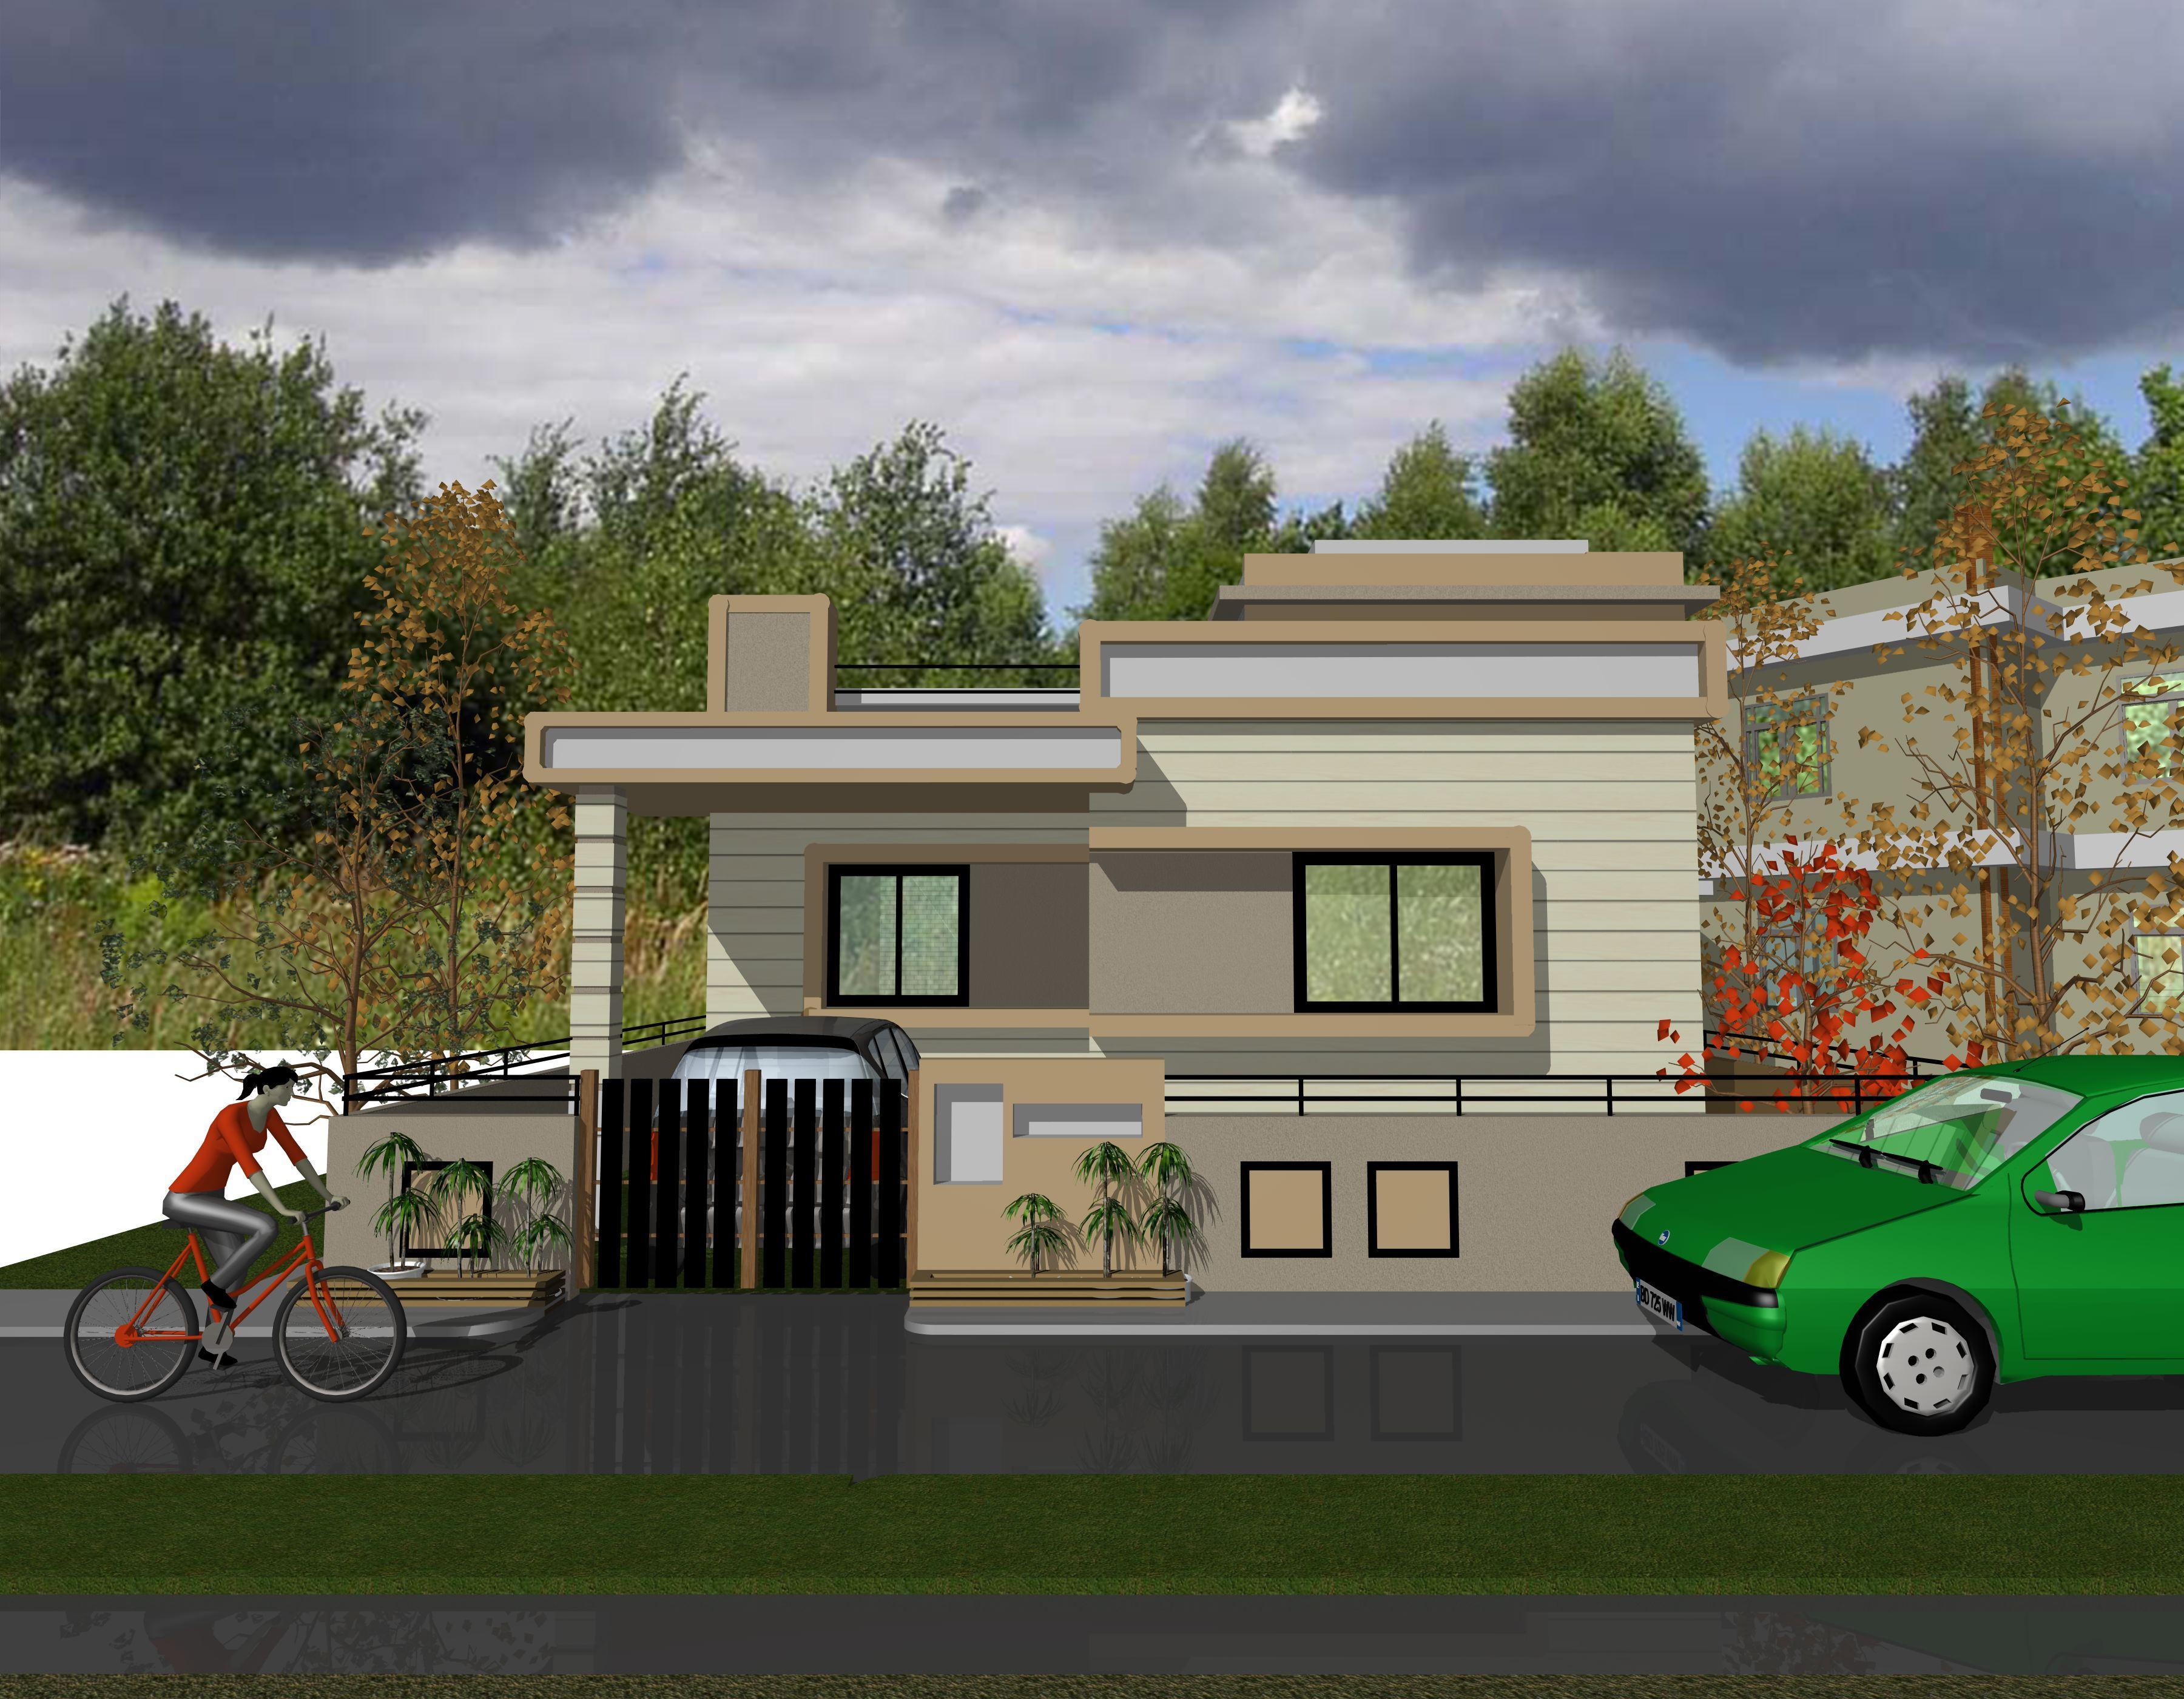 Gharexpert Front Elevation : D front elivation joy studio design gallery best